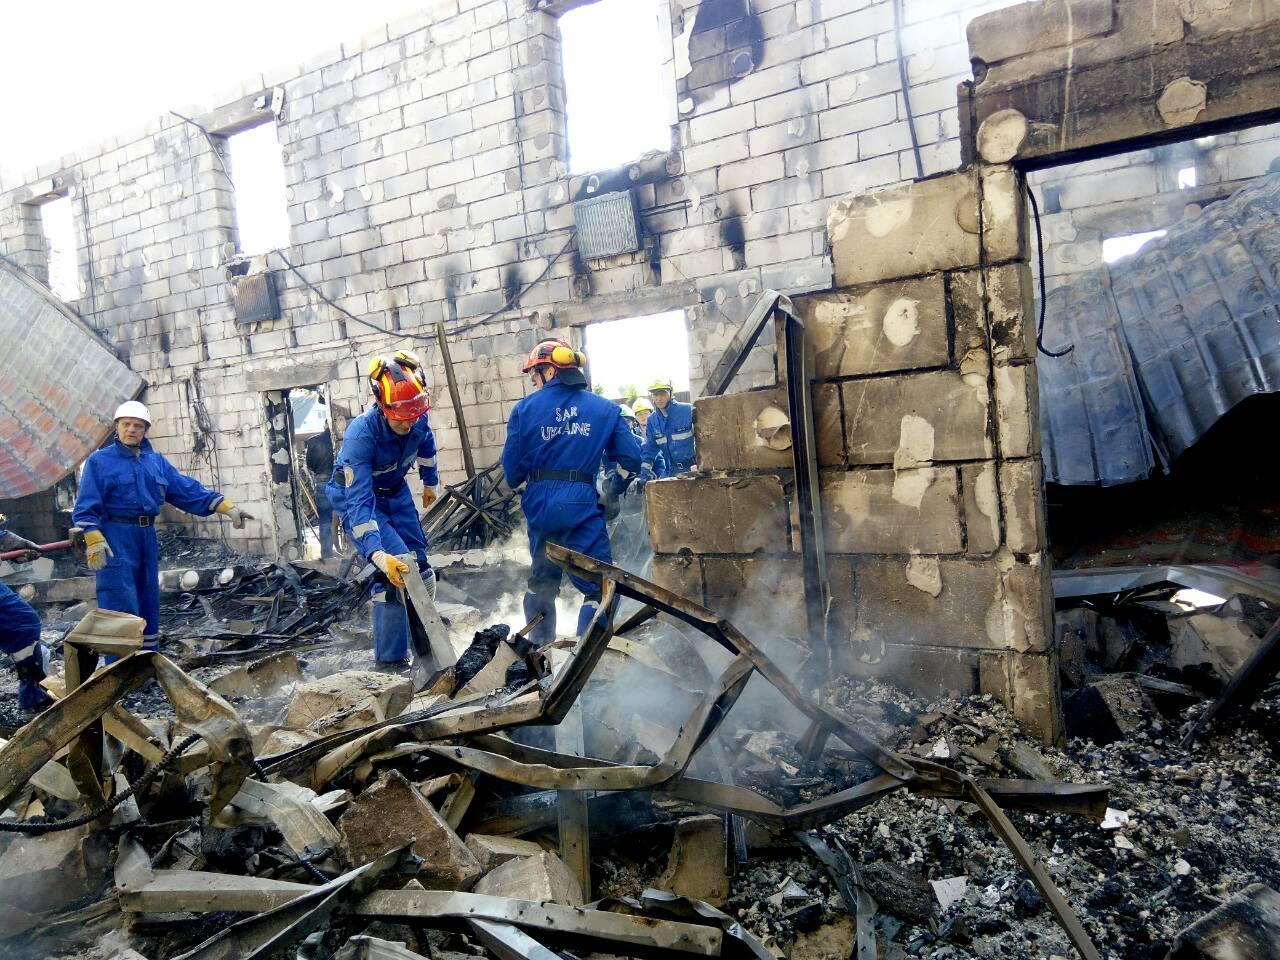 З'явилось відео наслідків пожежі у будинку пристарілих під Києвом - фото 1